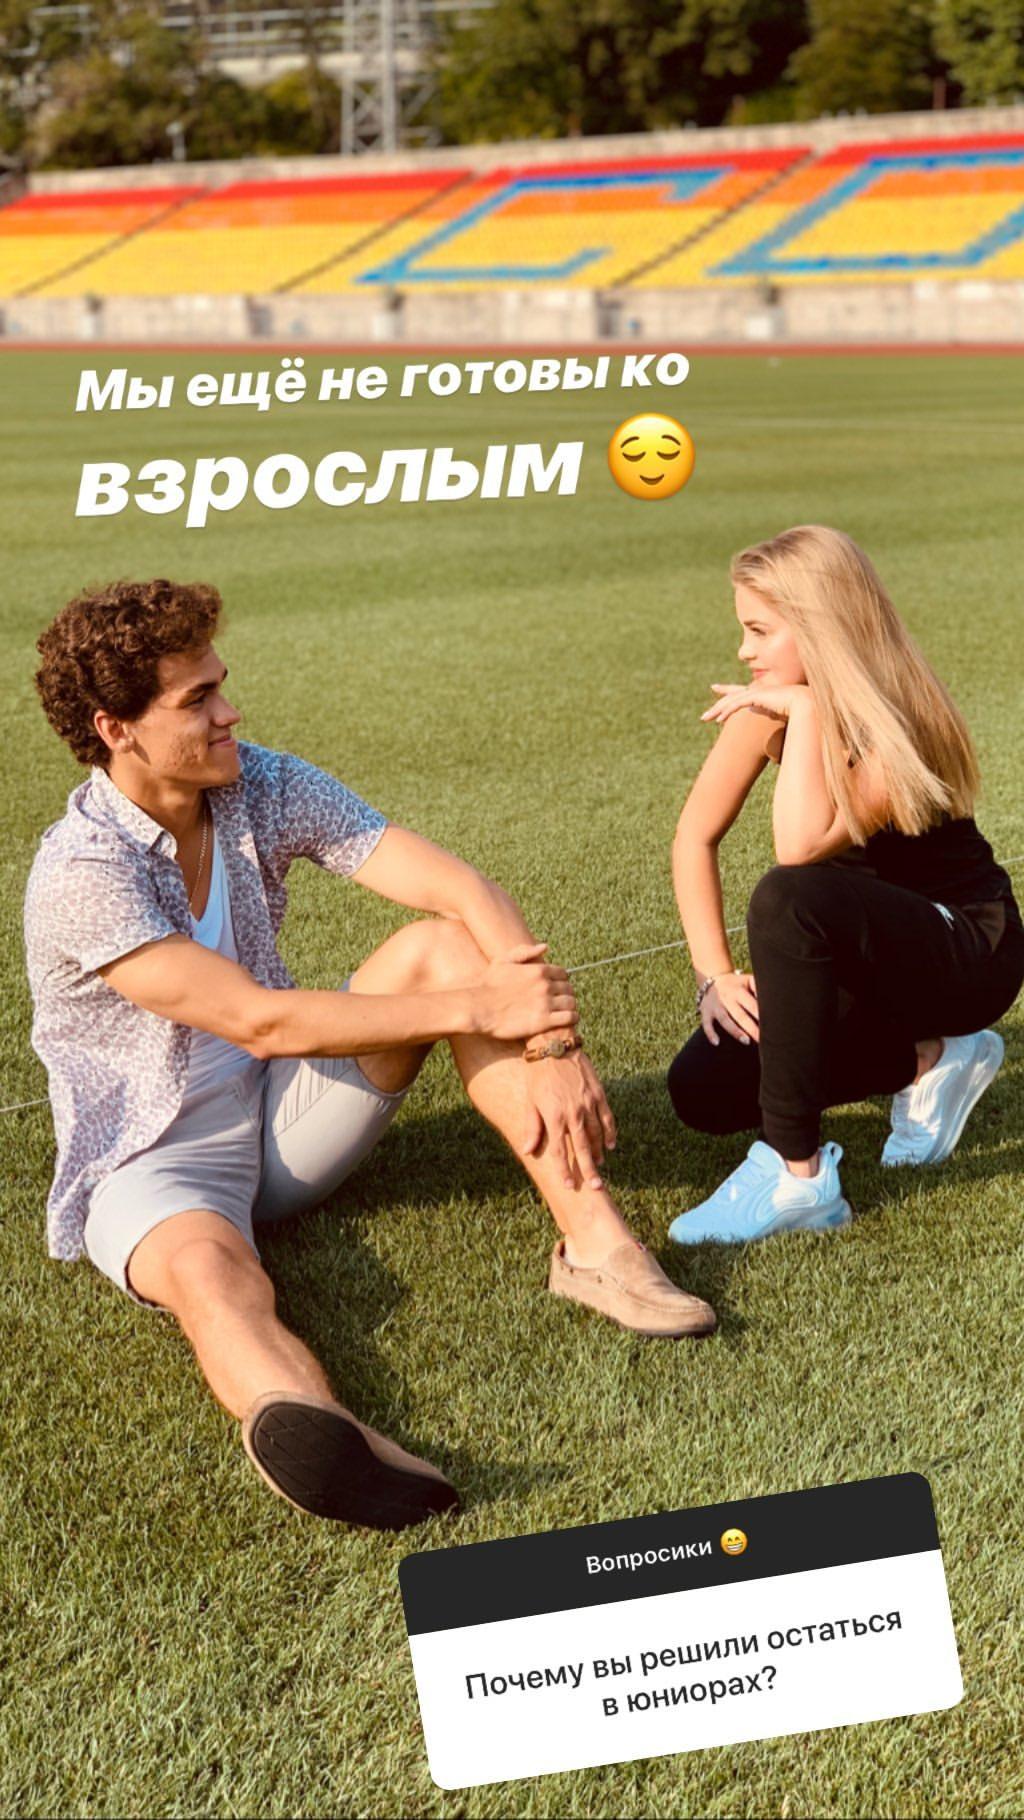 https://i3.imageban.ru/out/2019/07/14/89135d1d0f3b7f60f1bd3a237c78e1cf.jpg